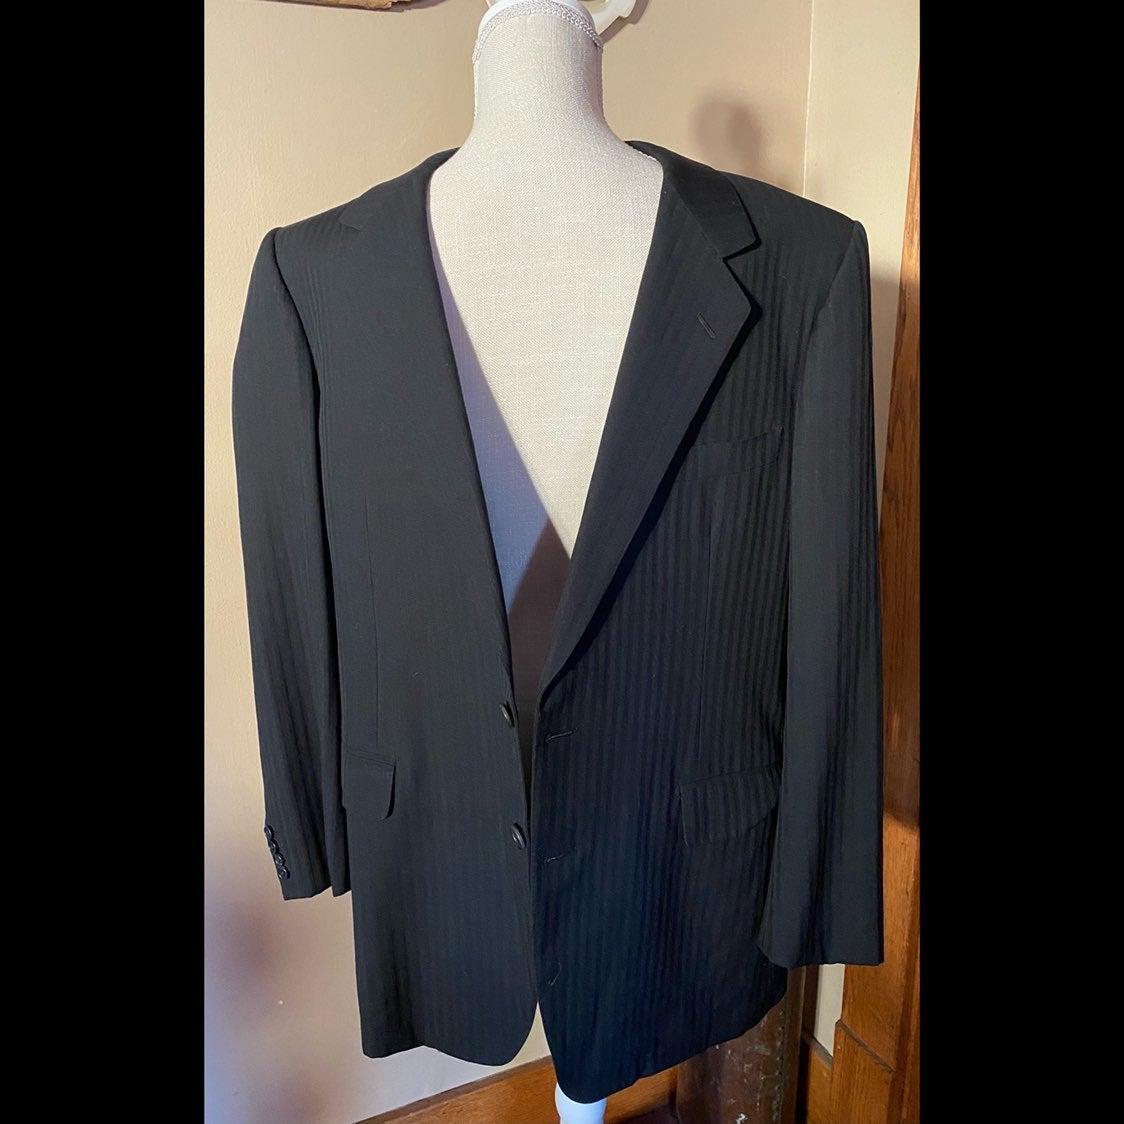 Belvest suit